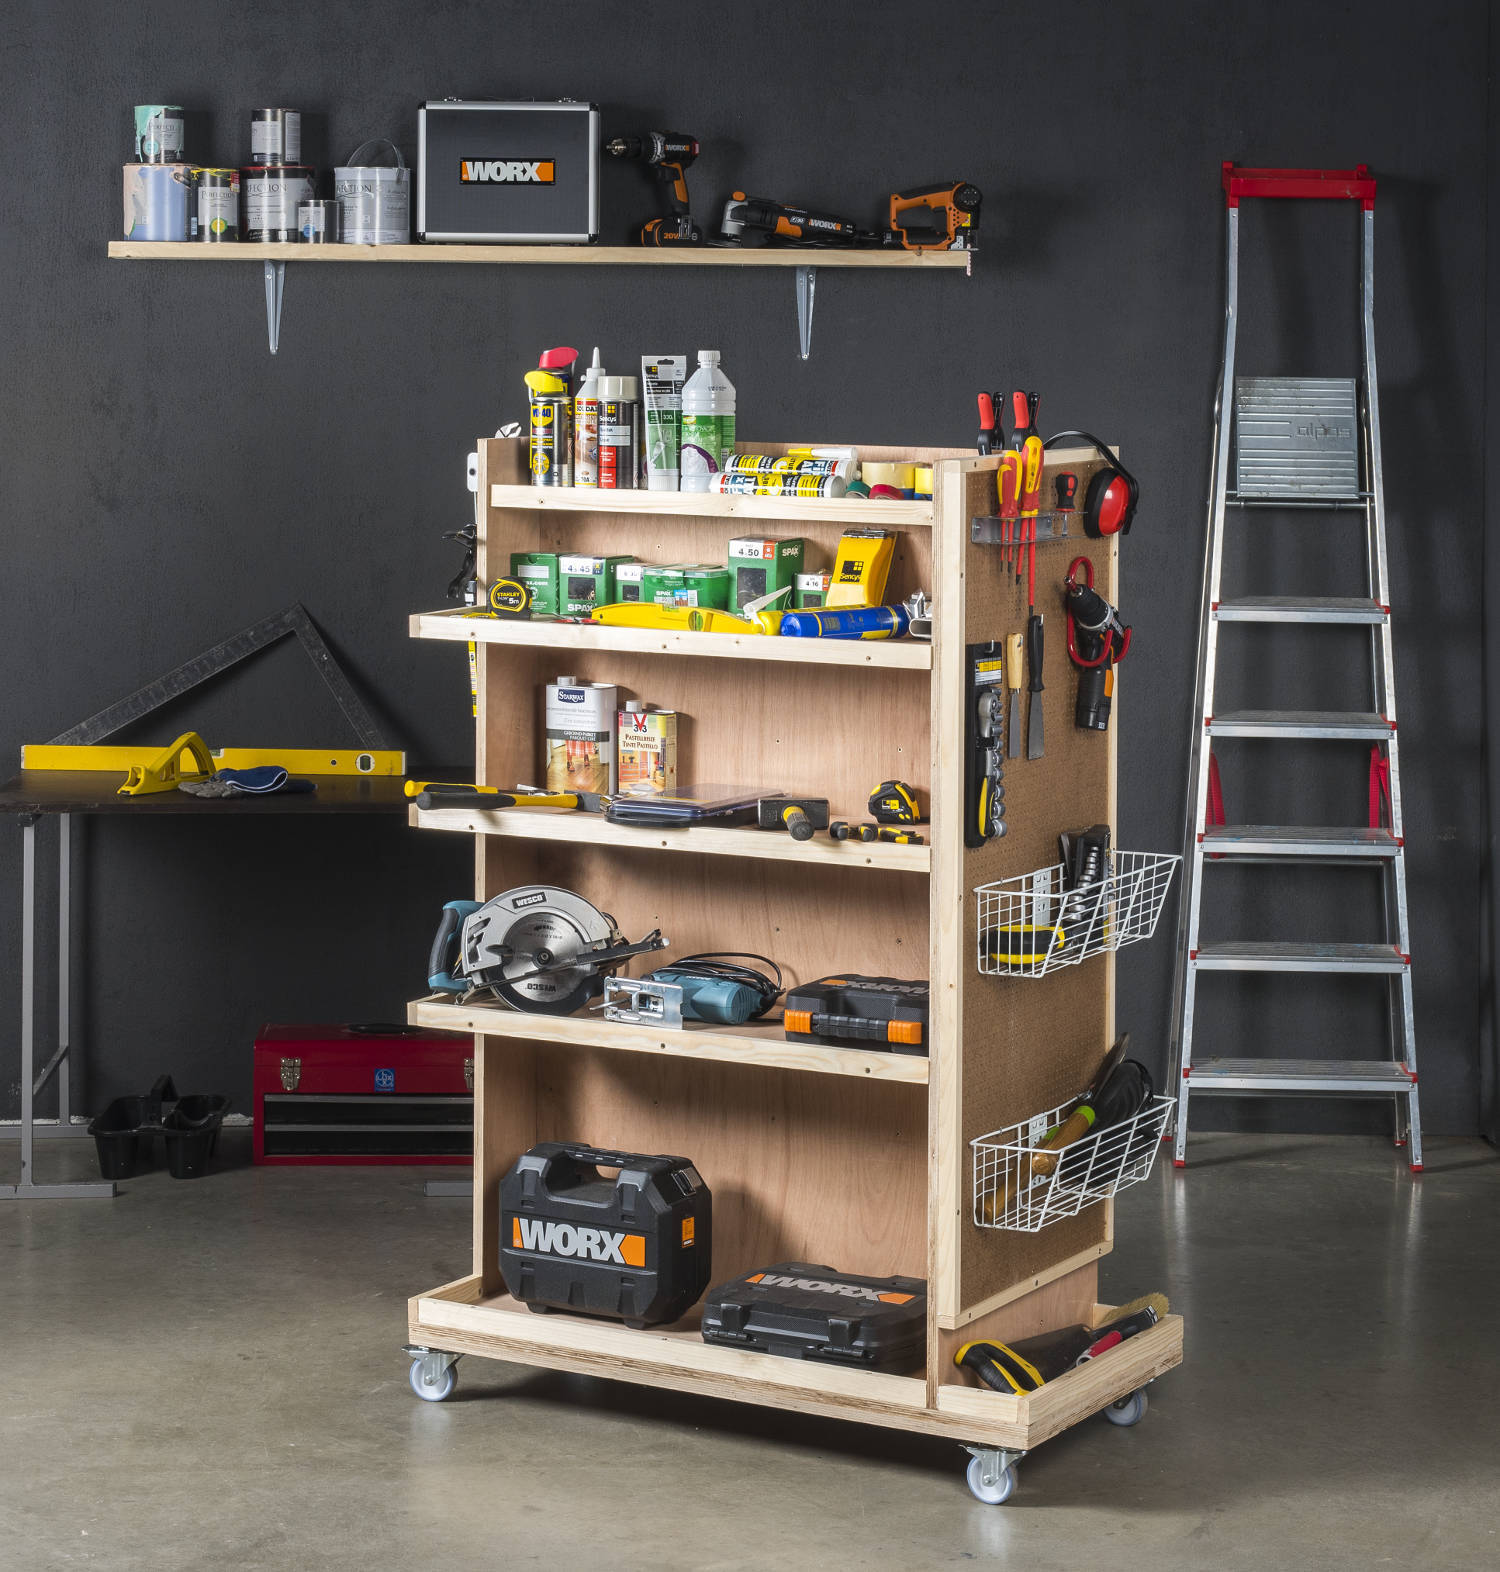 Construire Un Etabli Multifonction conseils pour construire un établi en bois - pour les makers